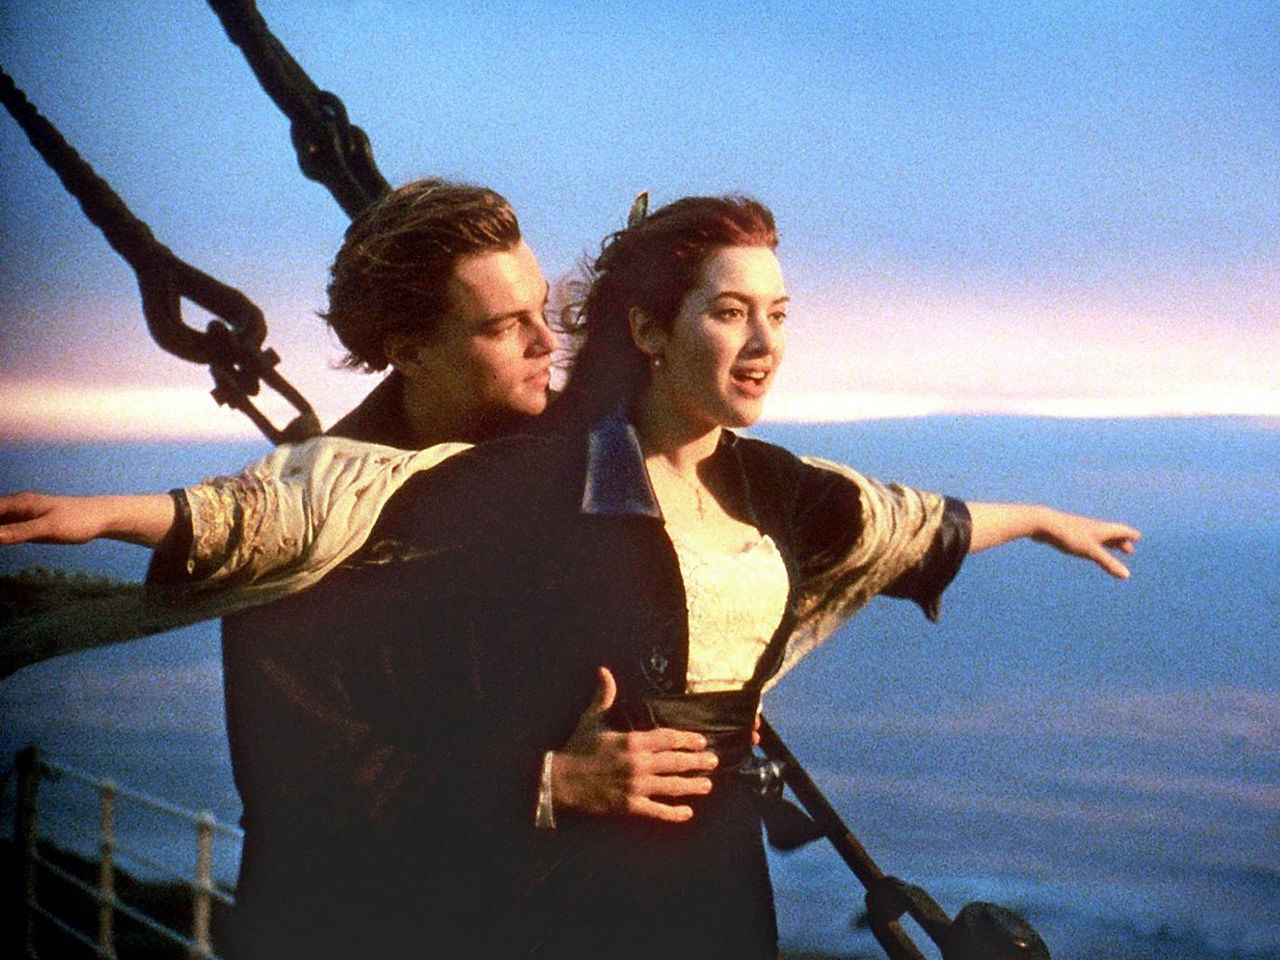 Яхтсмен изсоедененных штатов обвинил Кэмерона виспользовании истории его предков в«Титанике»